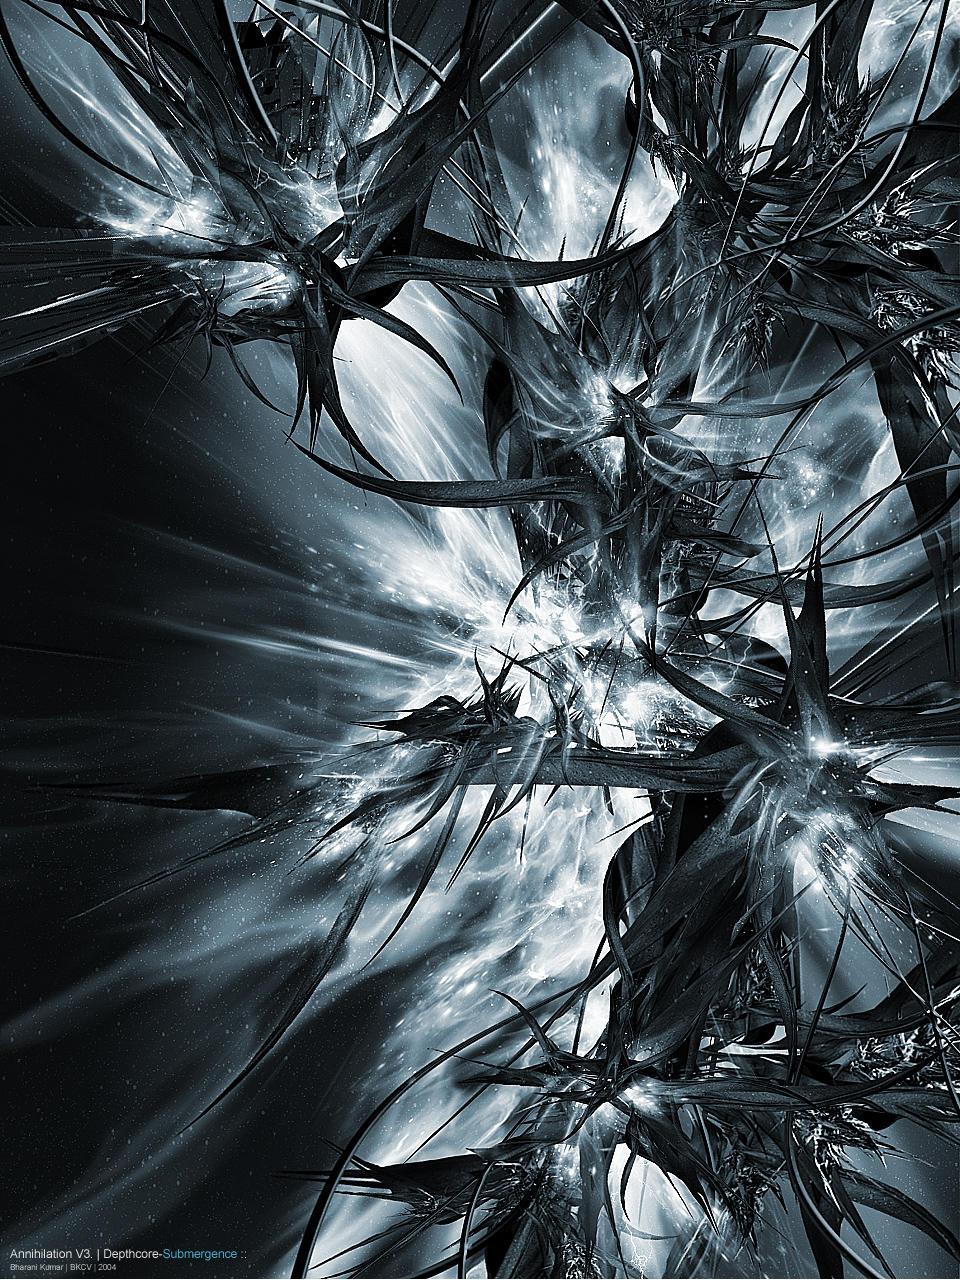 Annihilation V3 by silvatrez